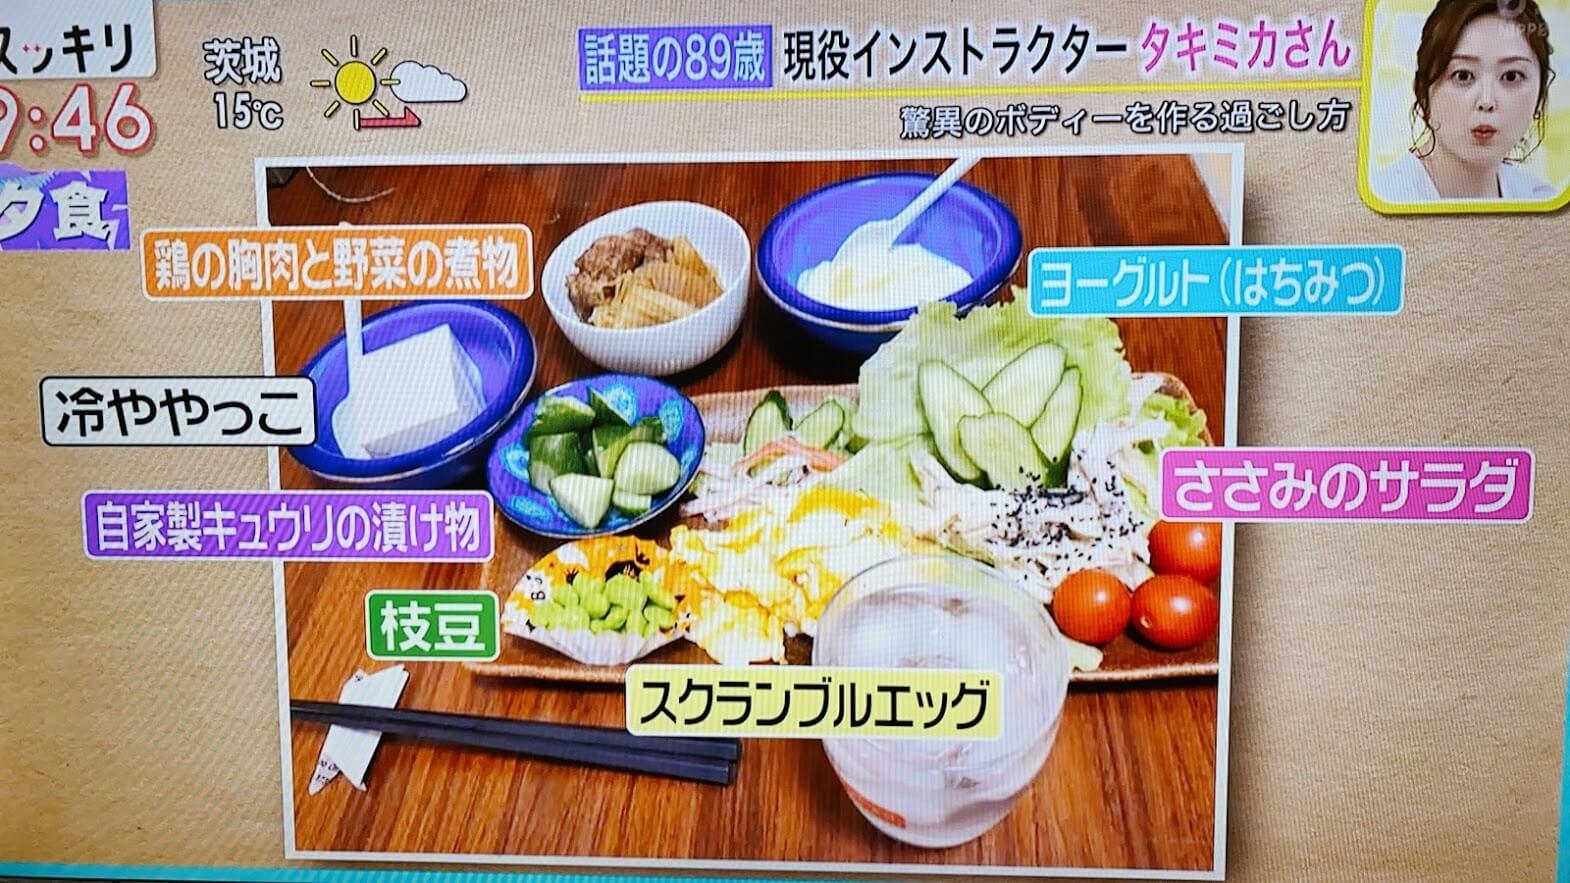 89歳現役インストラクター・タキミカ(瀧島未香)さんの夕食